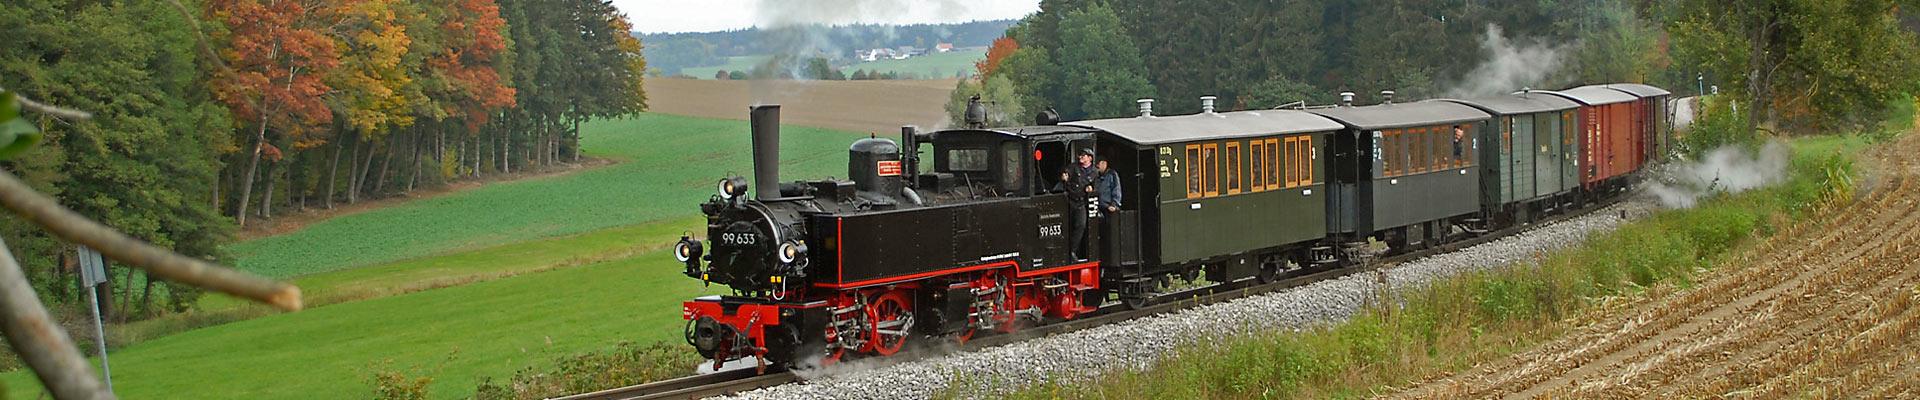 slider2-1920×400